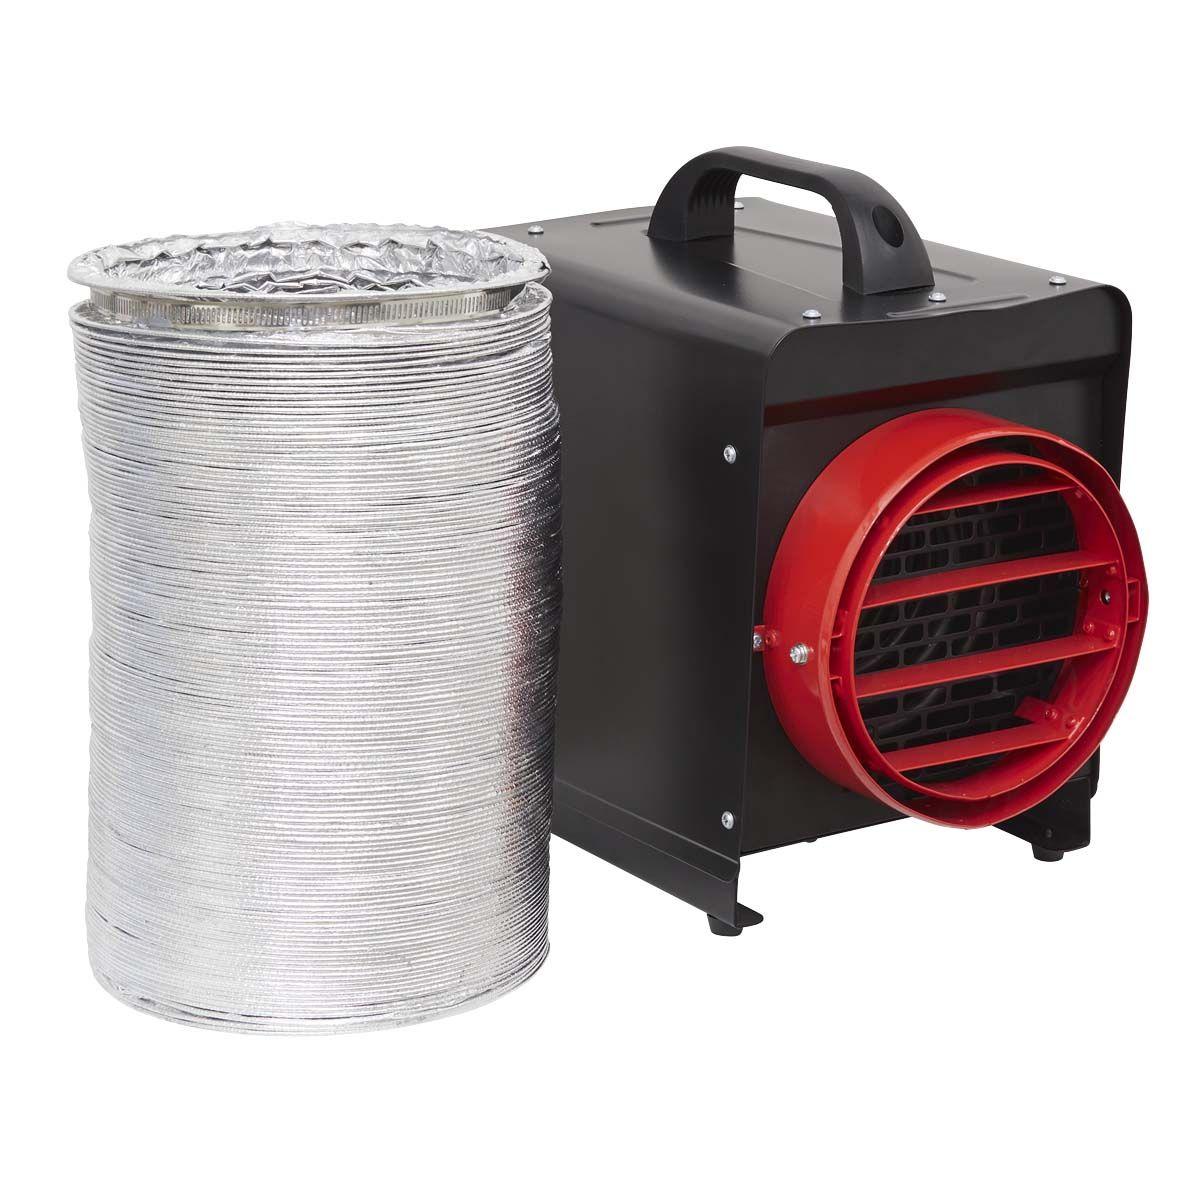 Sealey DEH2001 Industrial 2kW Fan Heater 230v